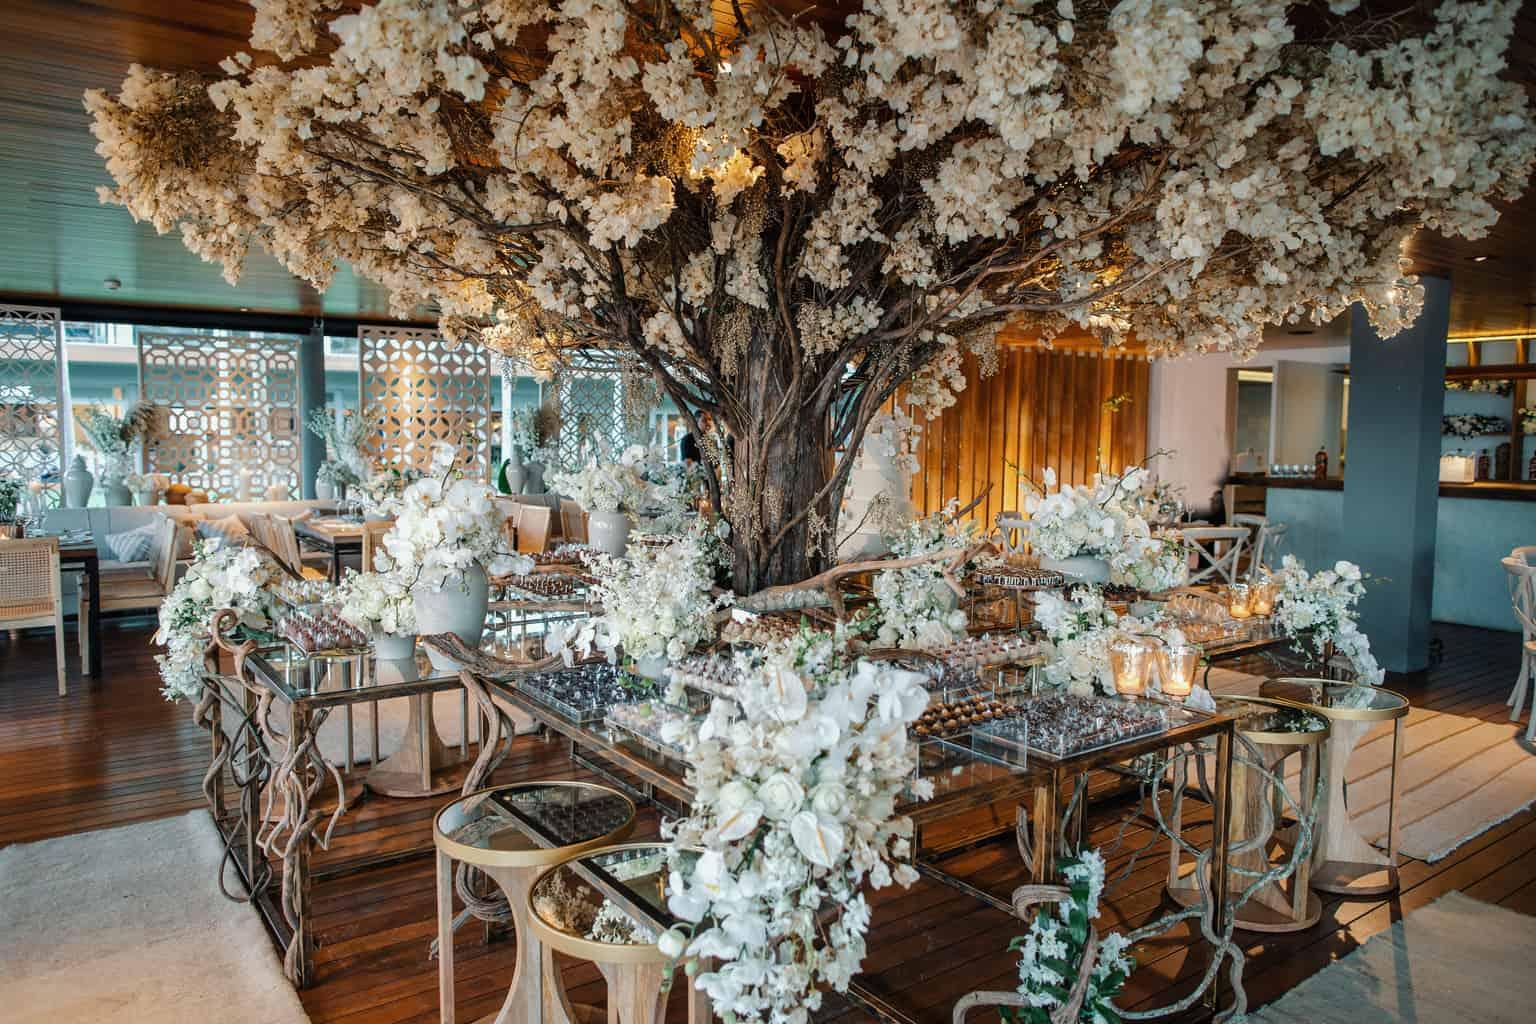 Casamento-Alissa-e-Gustavo-Cerimonial-Manu-Goncalez-Decor-Andrea-Kapps-Fasano-Angra-dos-Reis-Foto-VRebel-Decoracao-5